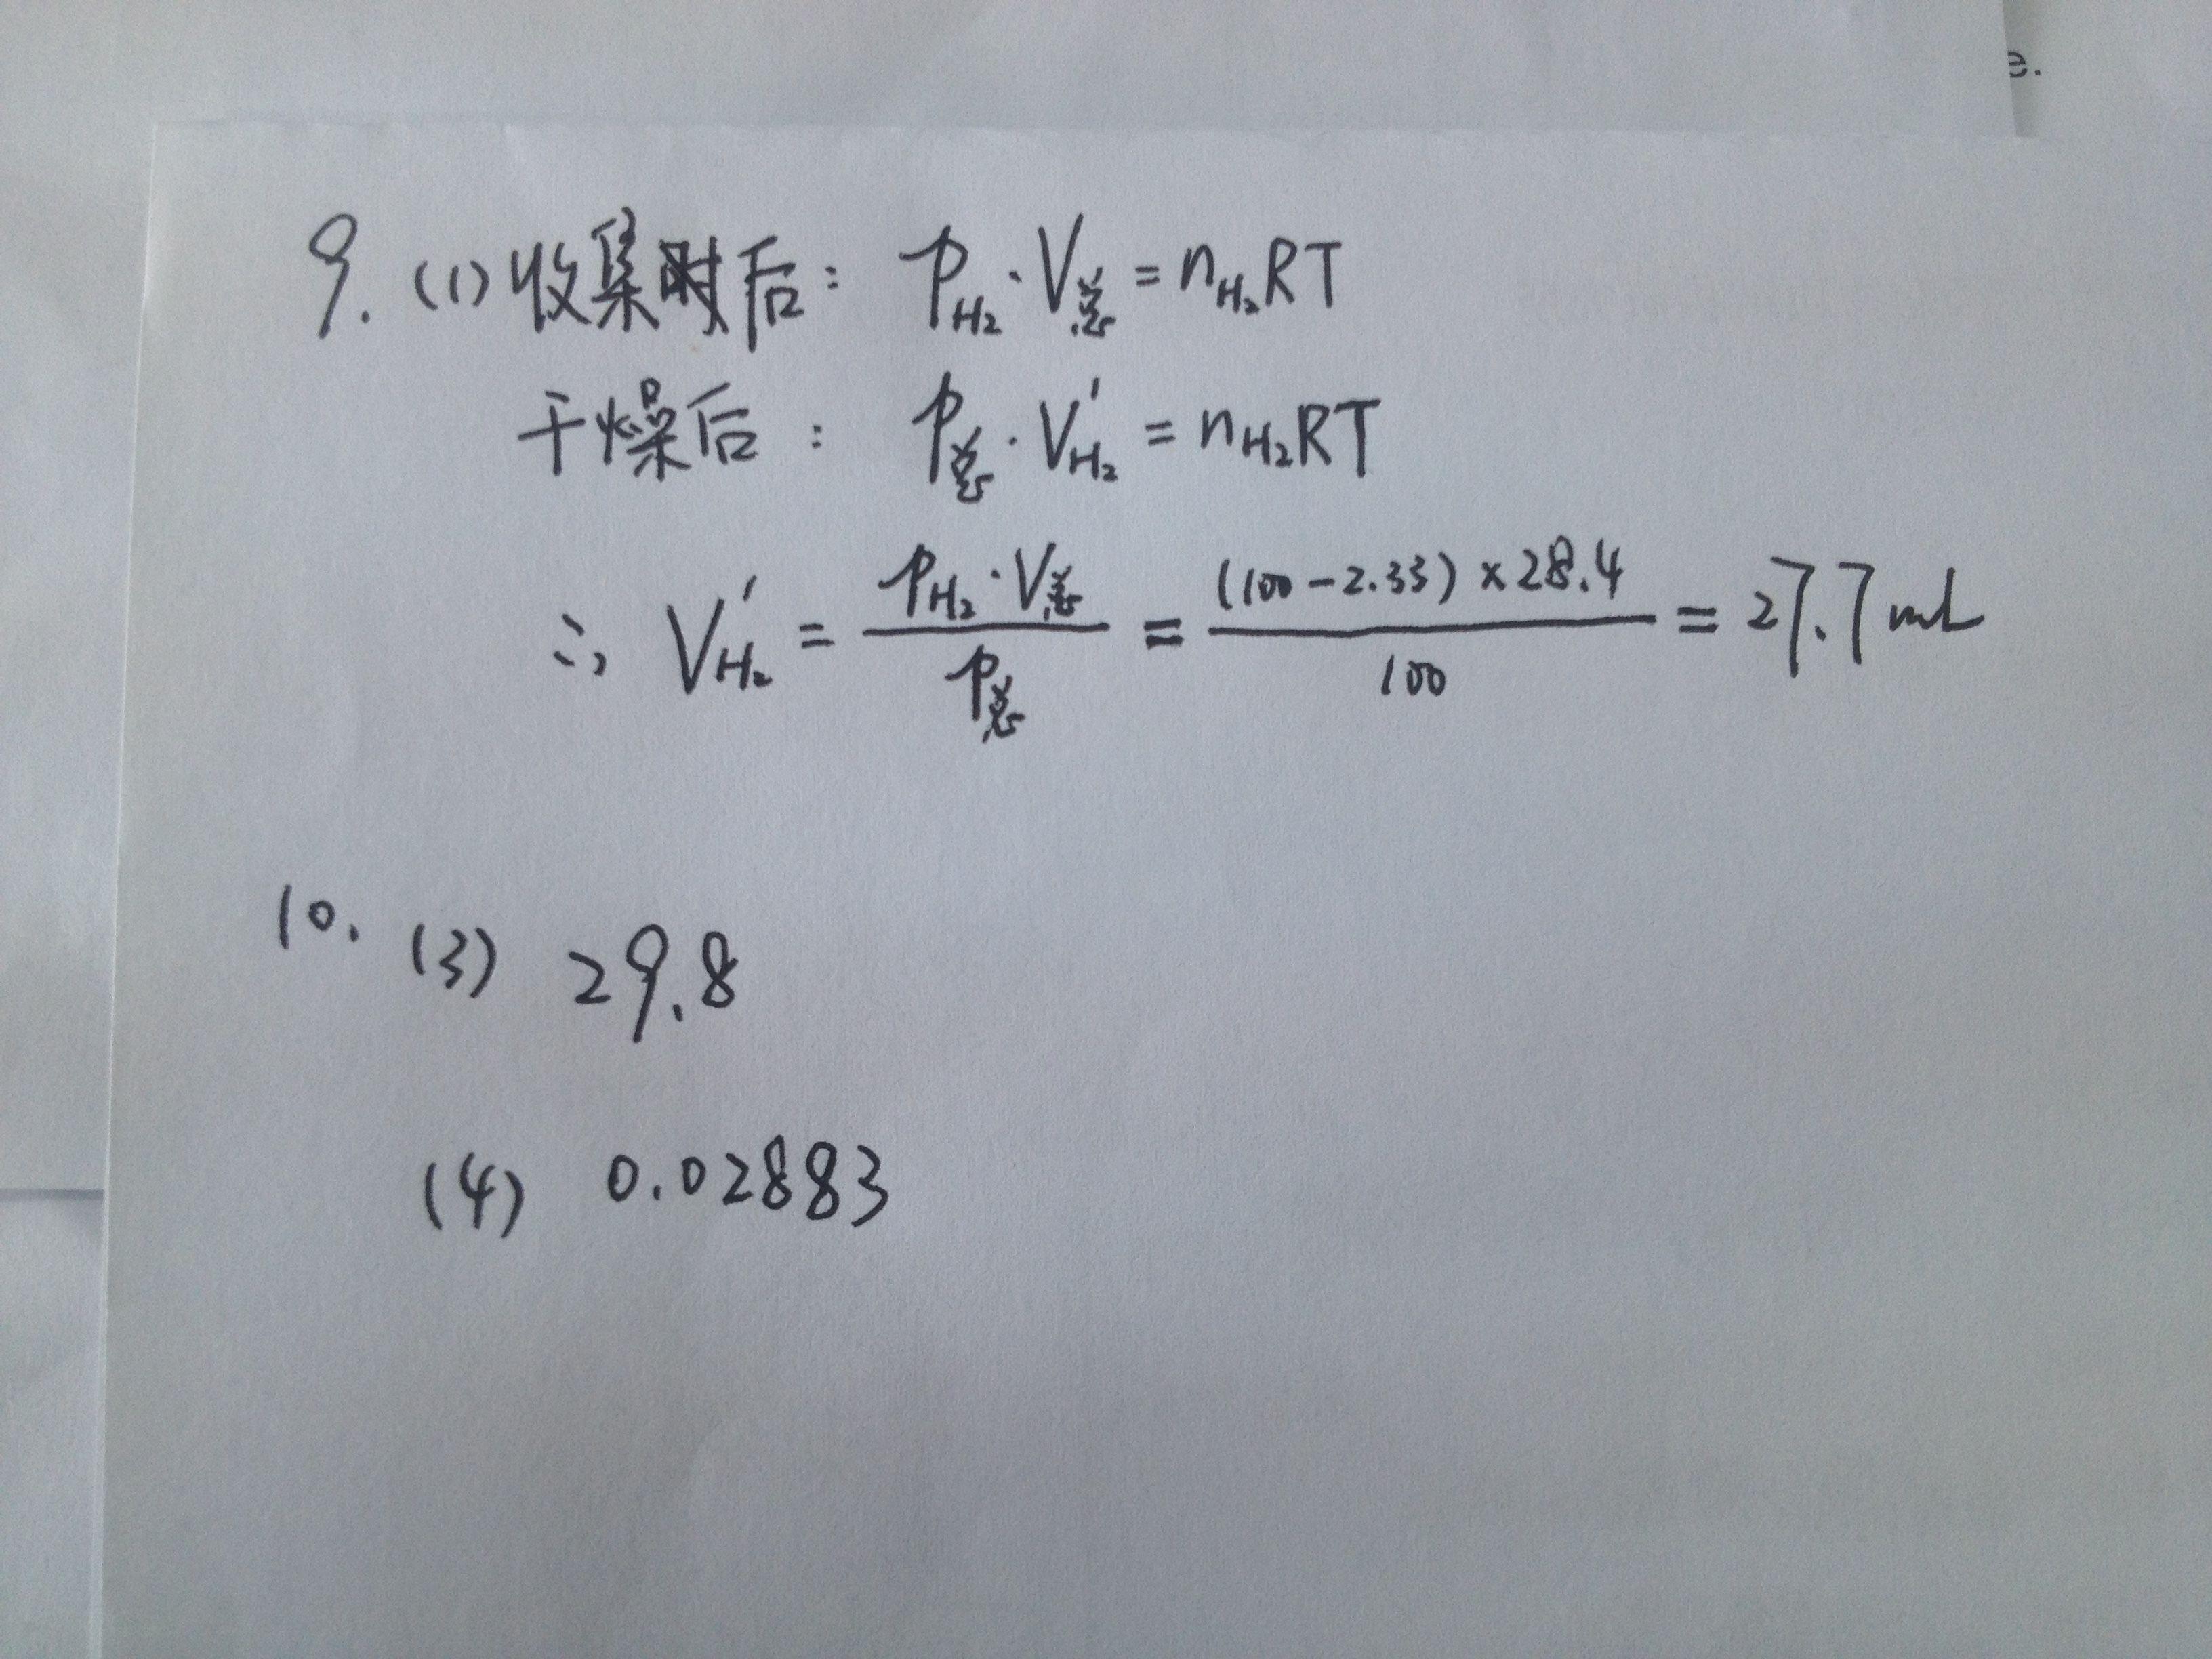 帮写两道简单大学化学题目,简单题啊,手写答案,详细过程啊,第9题和第图片